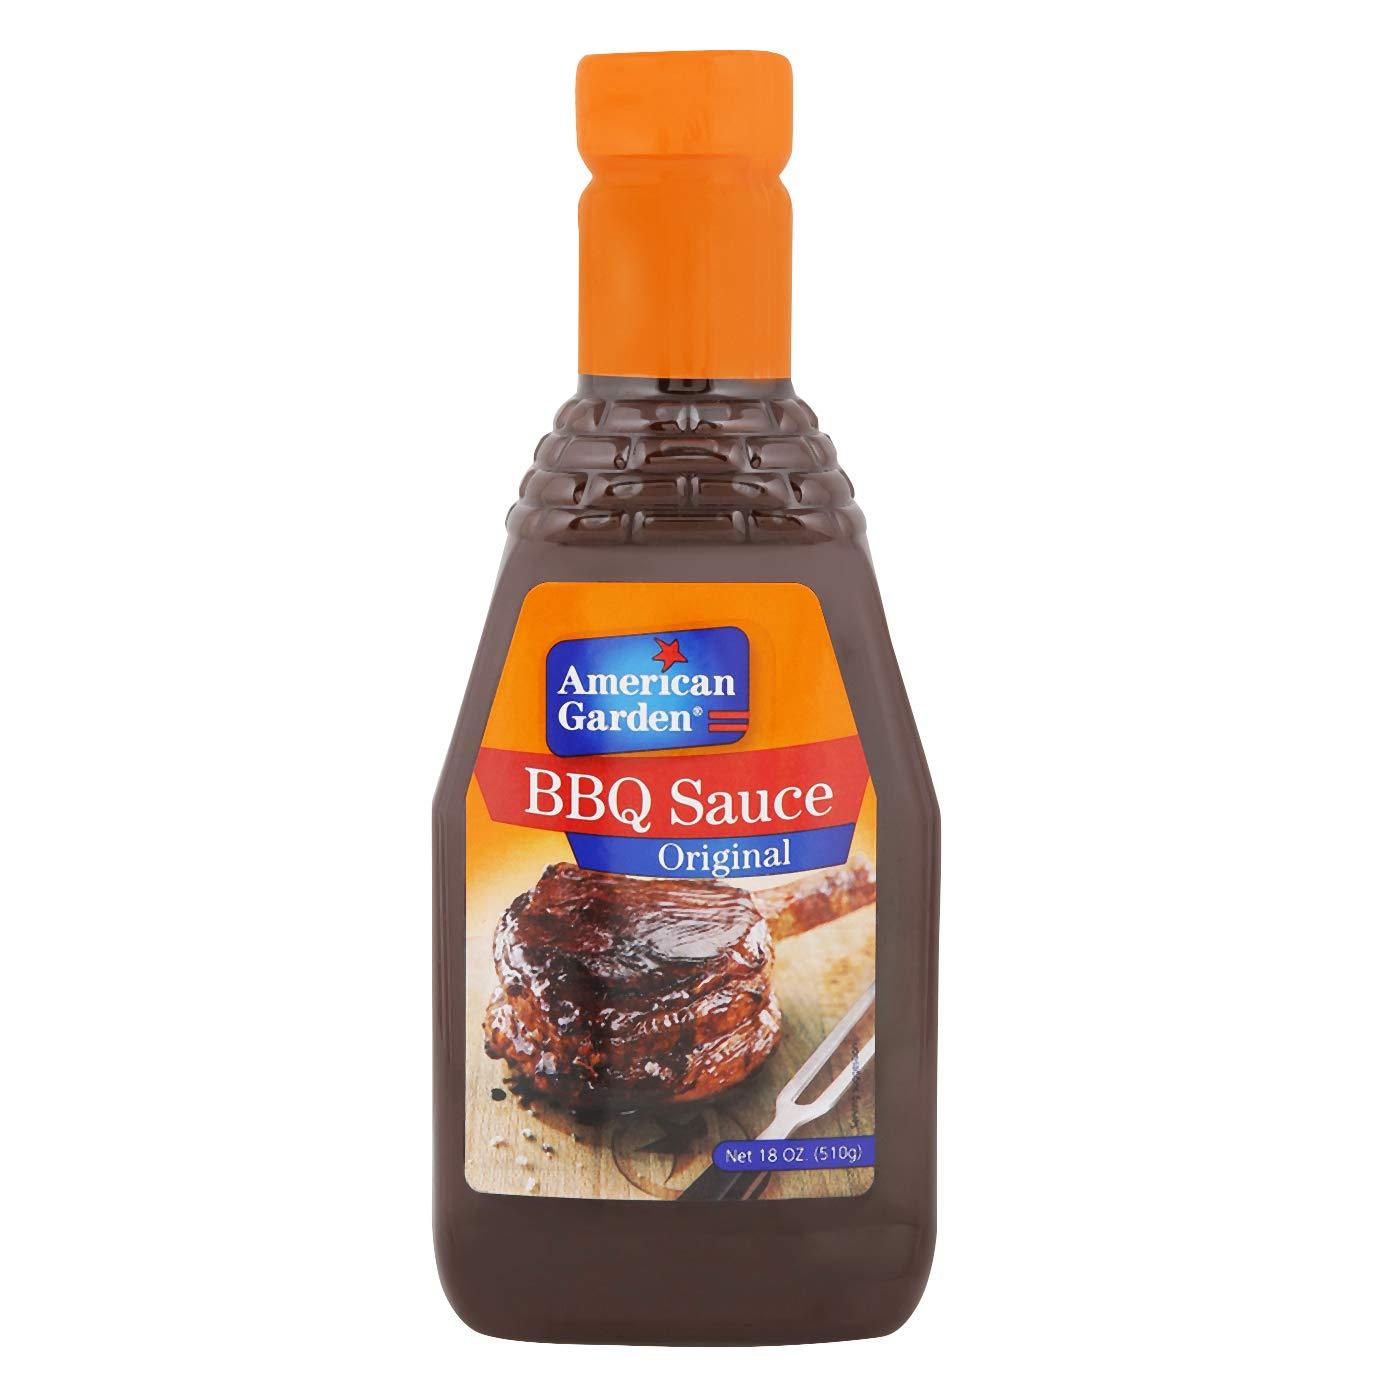 American Garden Original Bbq Sauce 510g Buy Online In Egypt